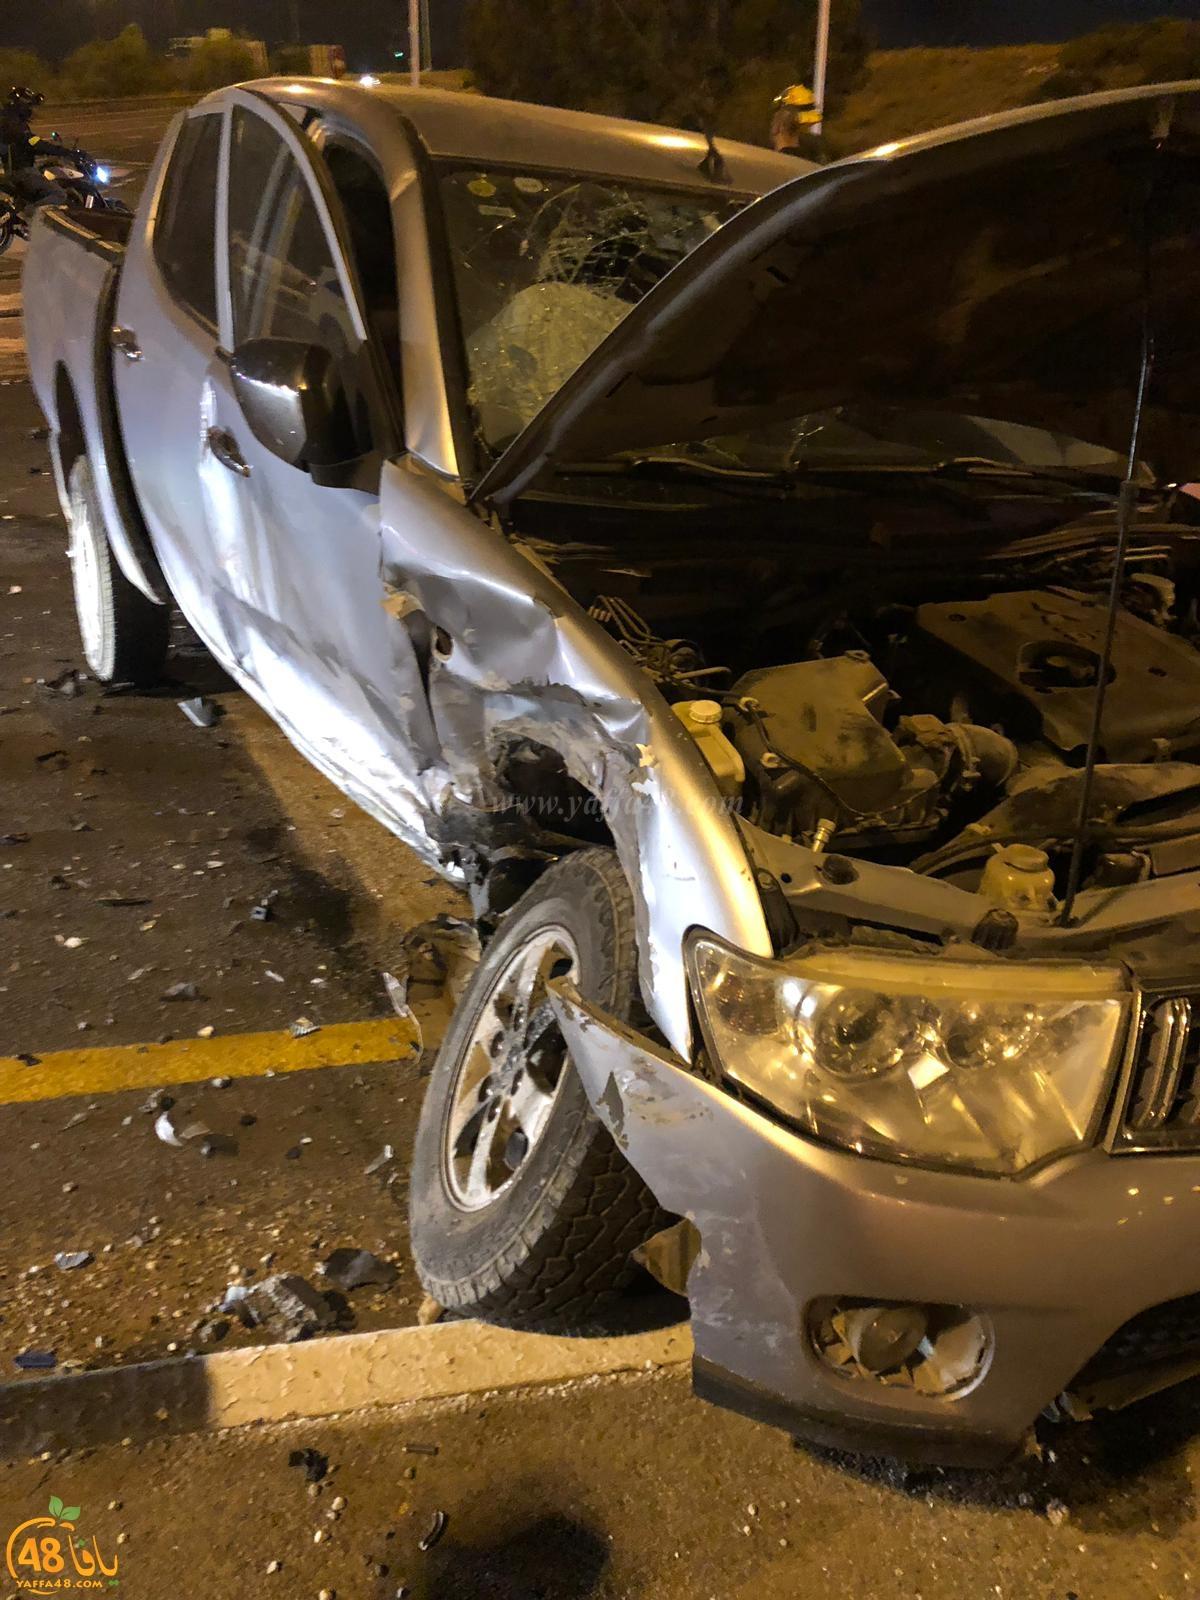 الرملة: اصابة طفيفة بحادث طرق بين مركبتين بالمدينة